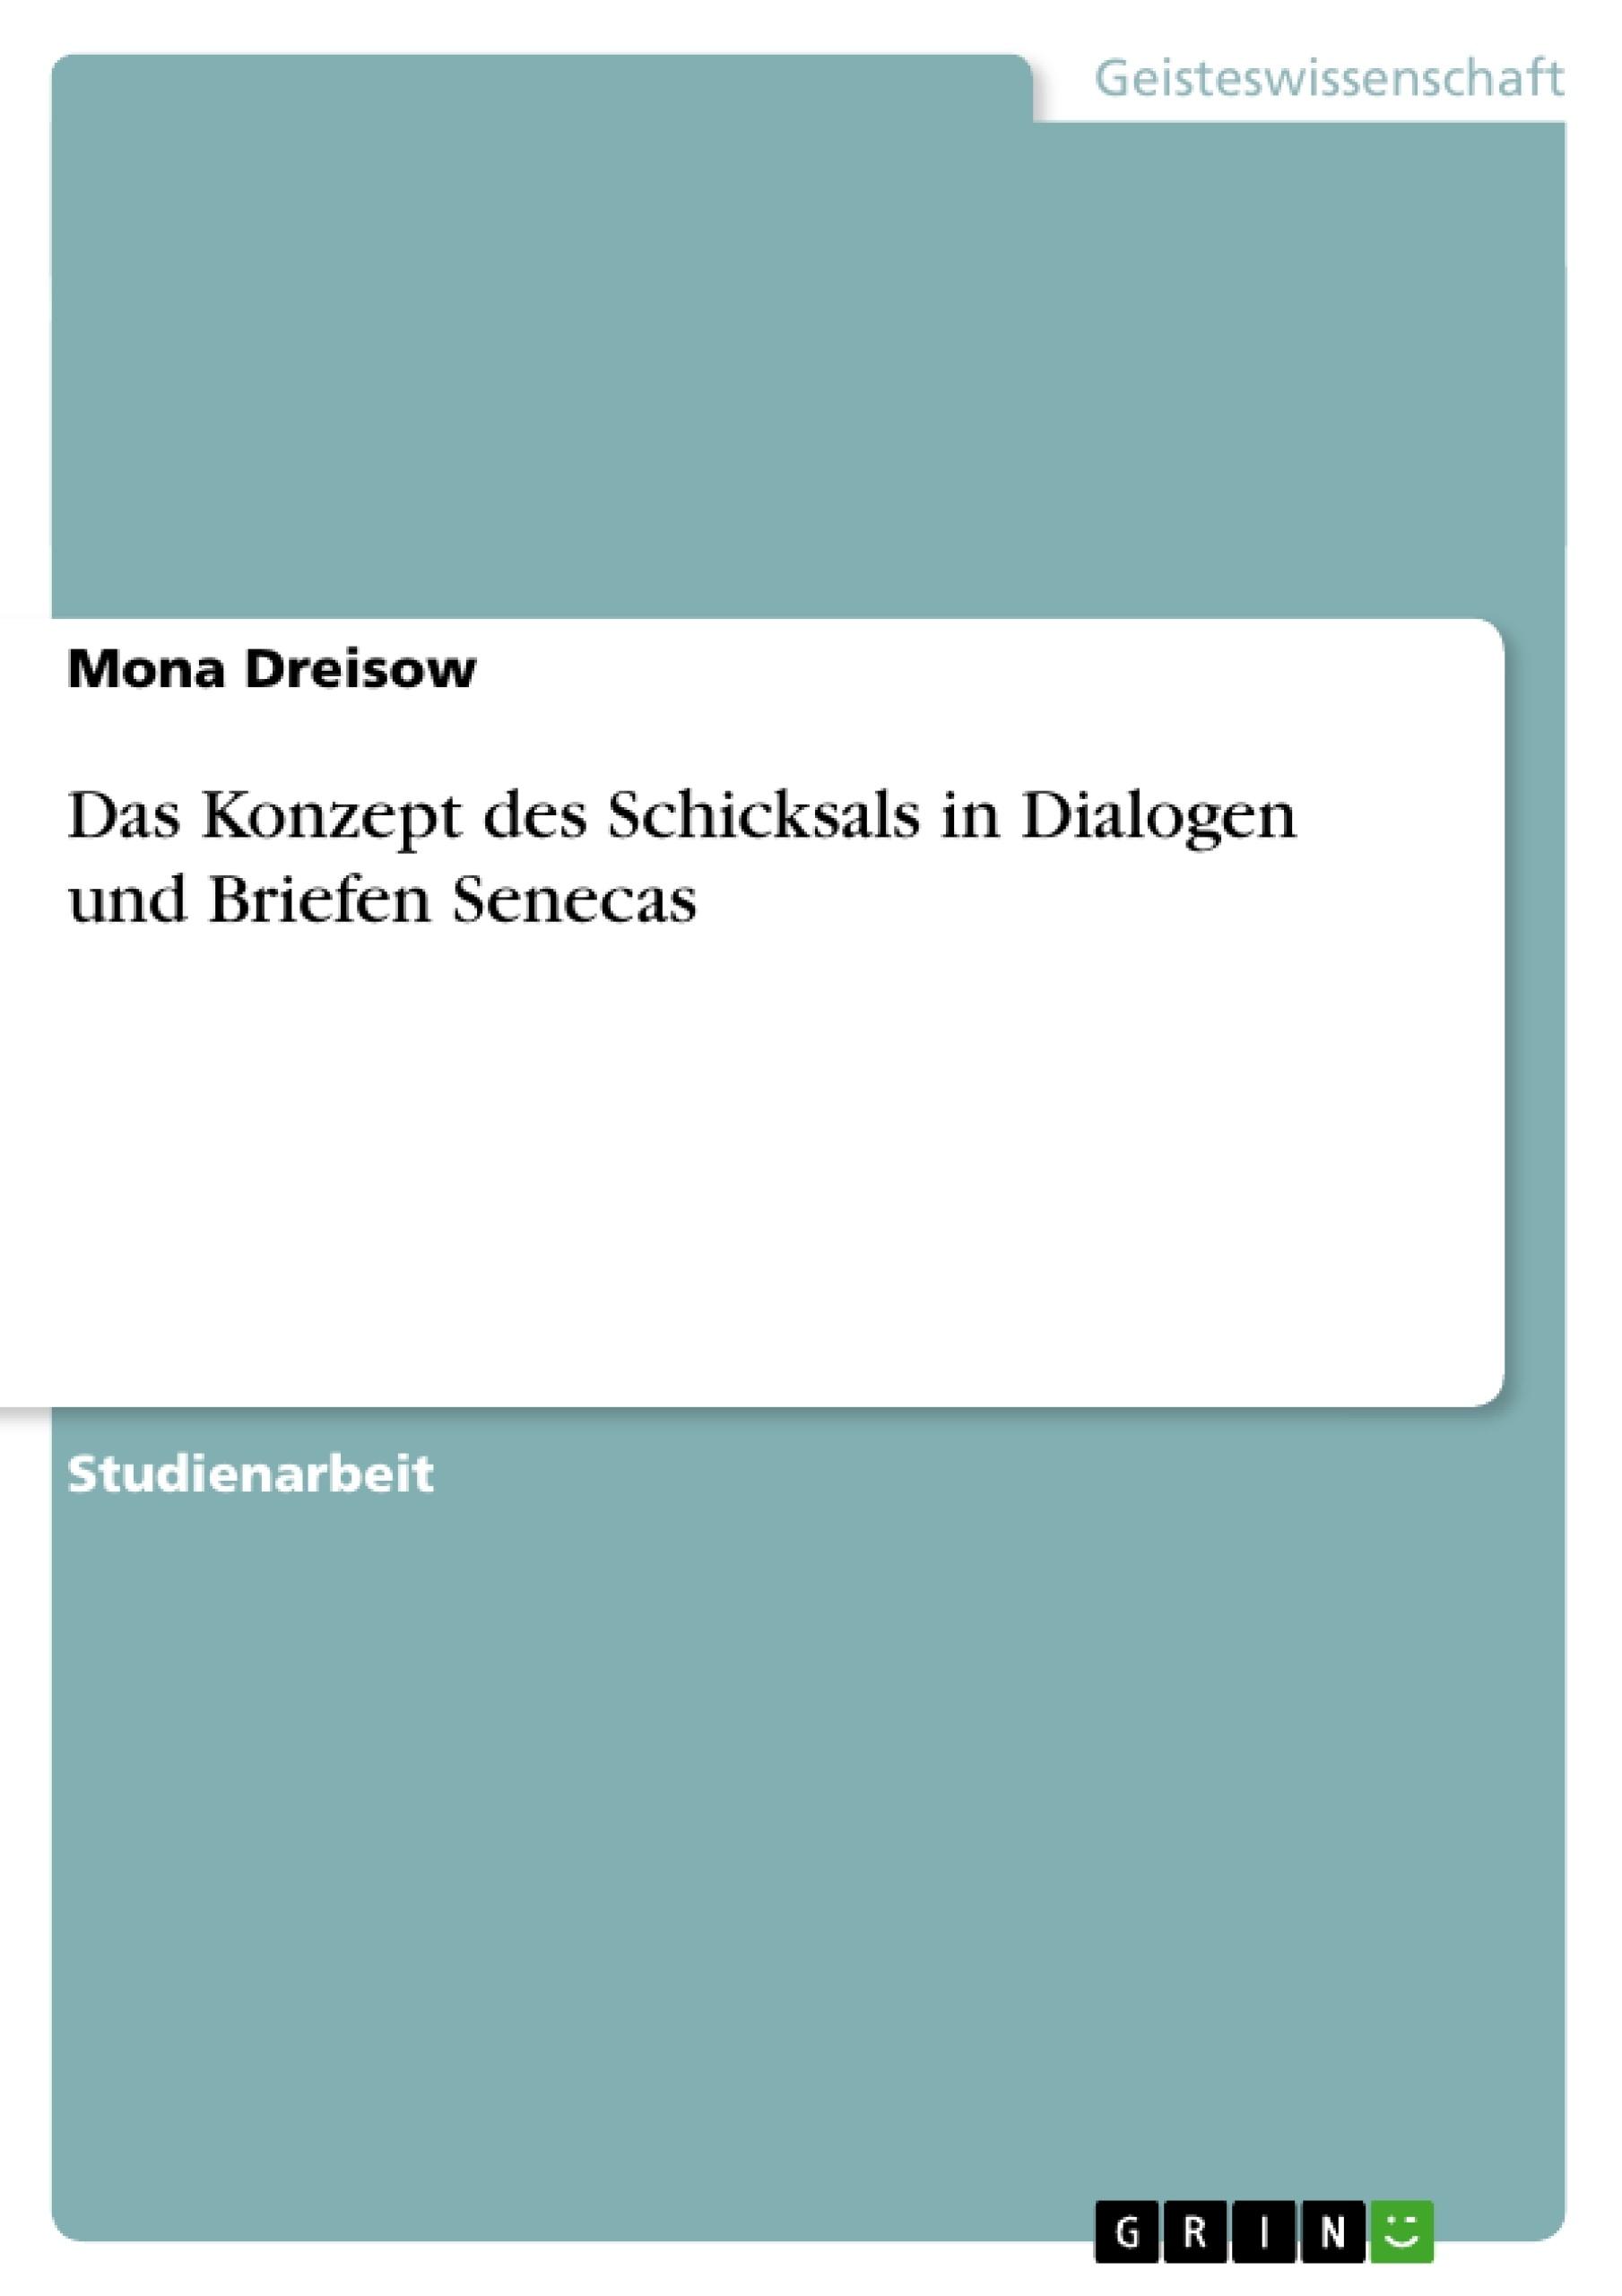 Titel: Das Konzept des Schicksals in Dialogen und Briefen Senecas